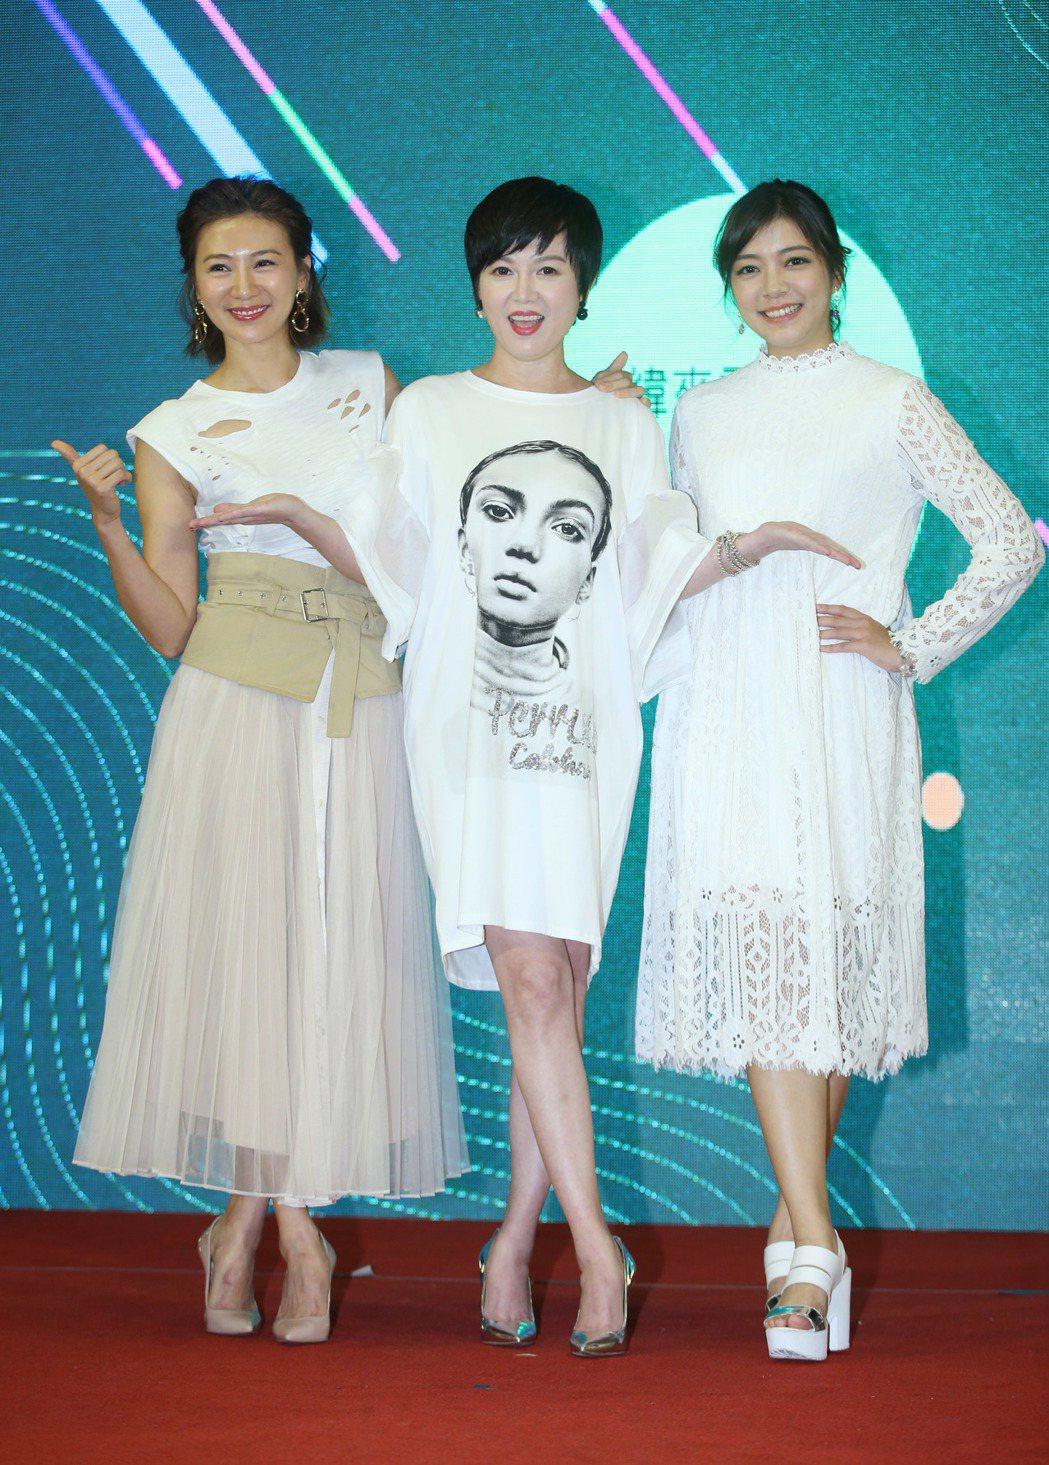 連靜雯(左起)、苗可麗、林雨宣出席台北電視節。記者陳瑞源/攝影